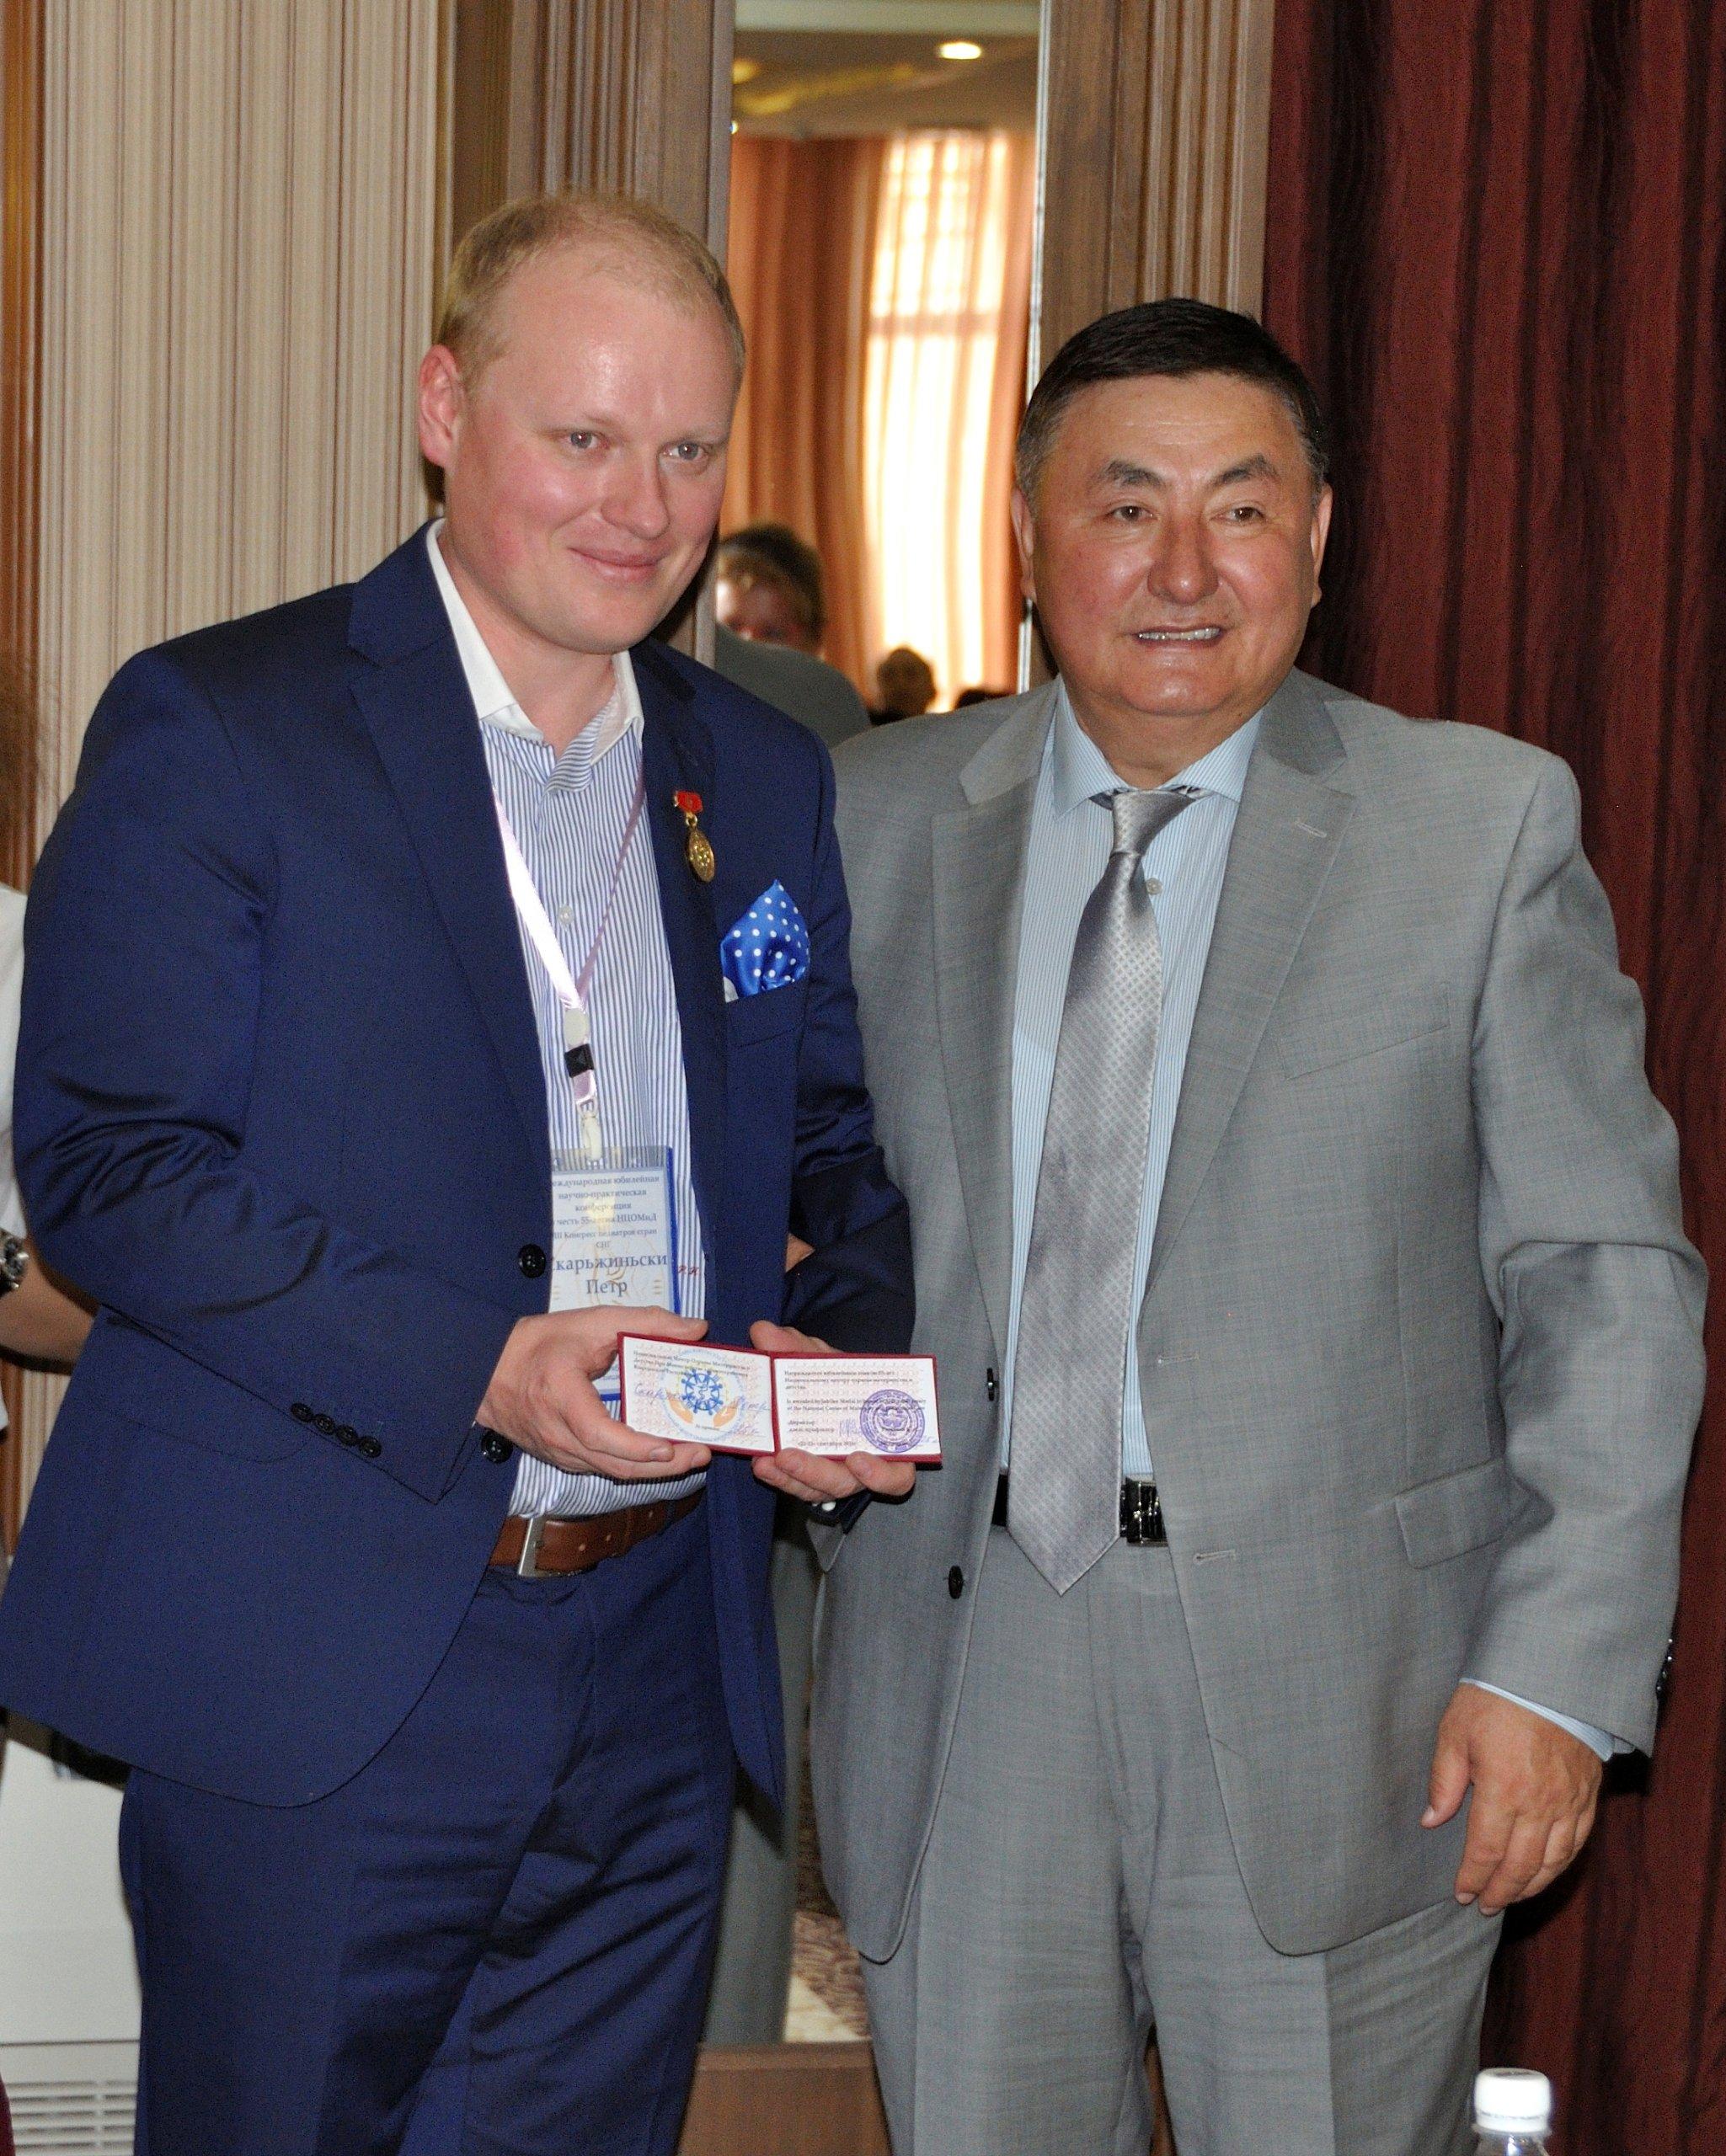 dr hab. n. med. mgr zarz. Piotr H. Skarżyński otrzymał złoty medal zokazji 55-lecia Narodowego Instytutu Matki iDziecka wBiszkeku